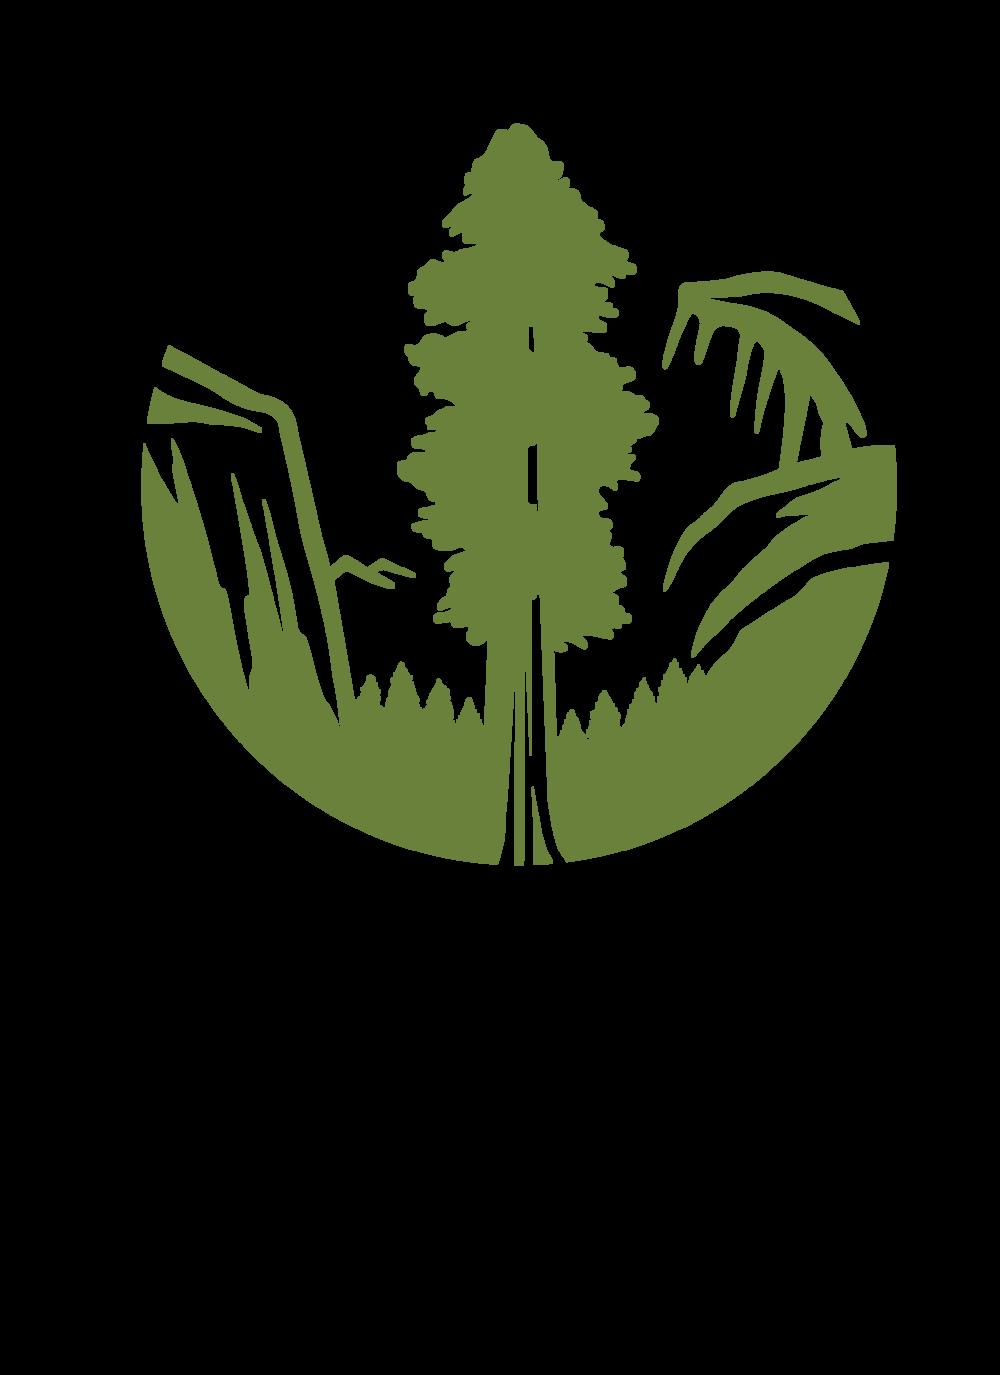 logo_sc_2016_tall.png